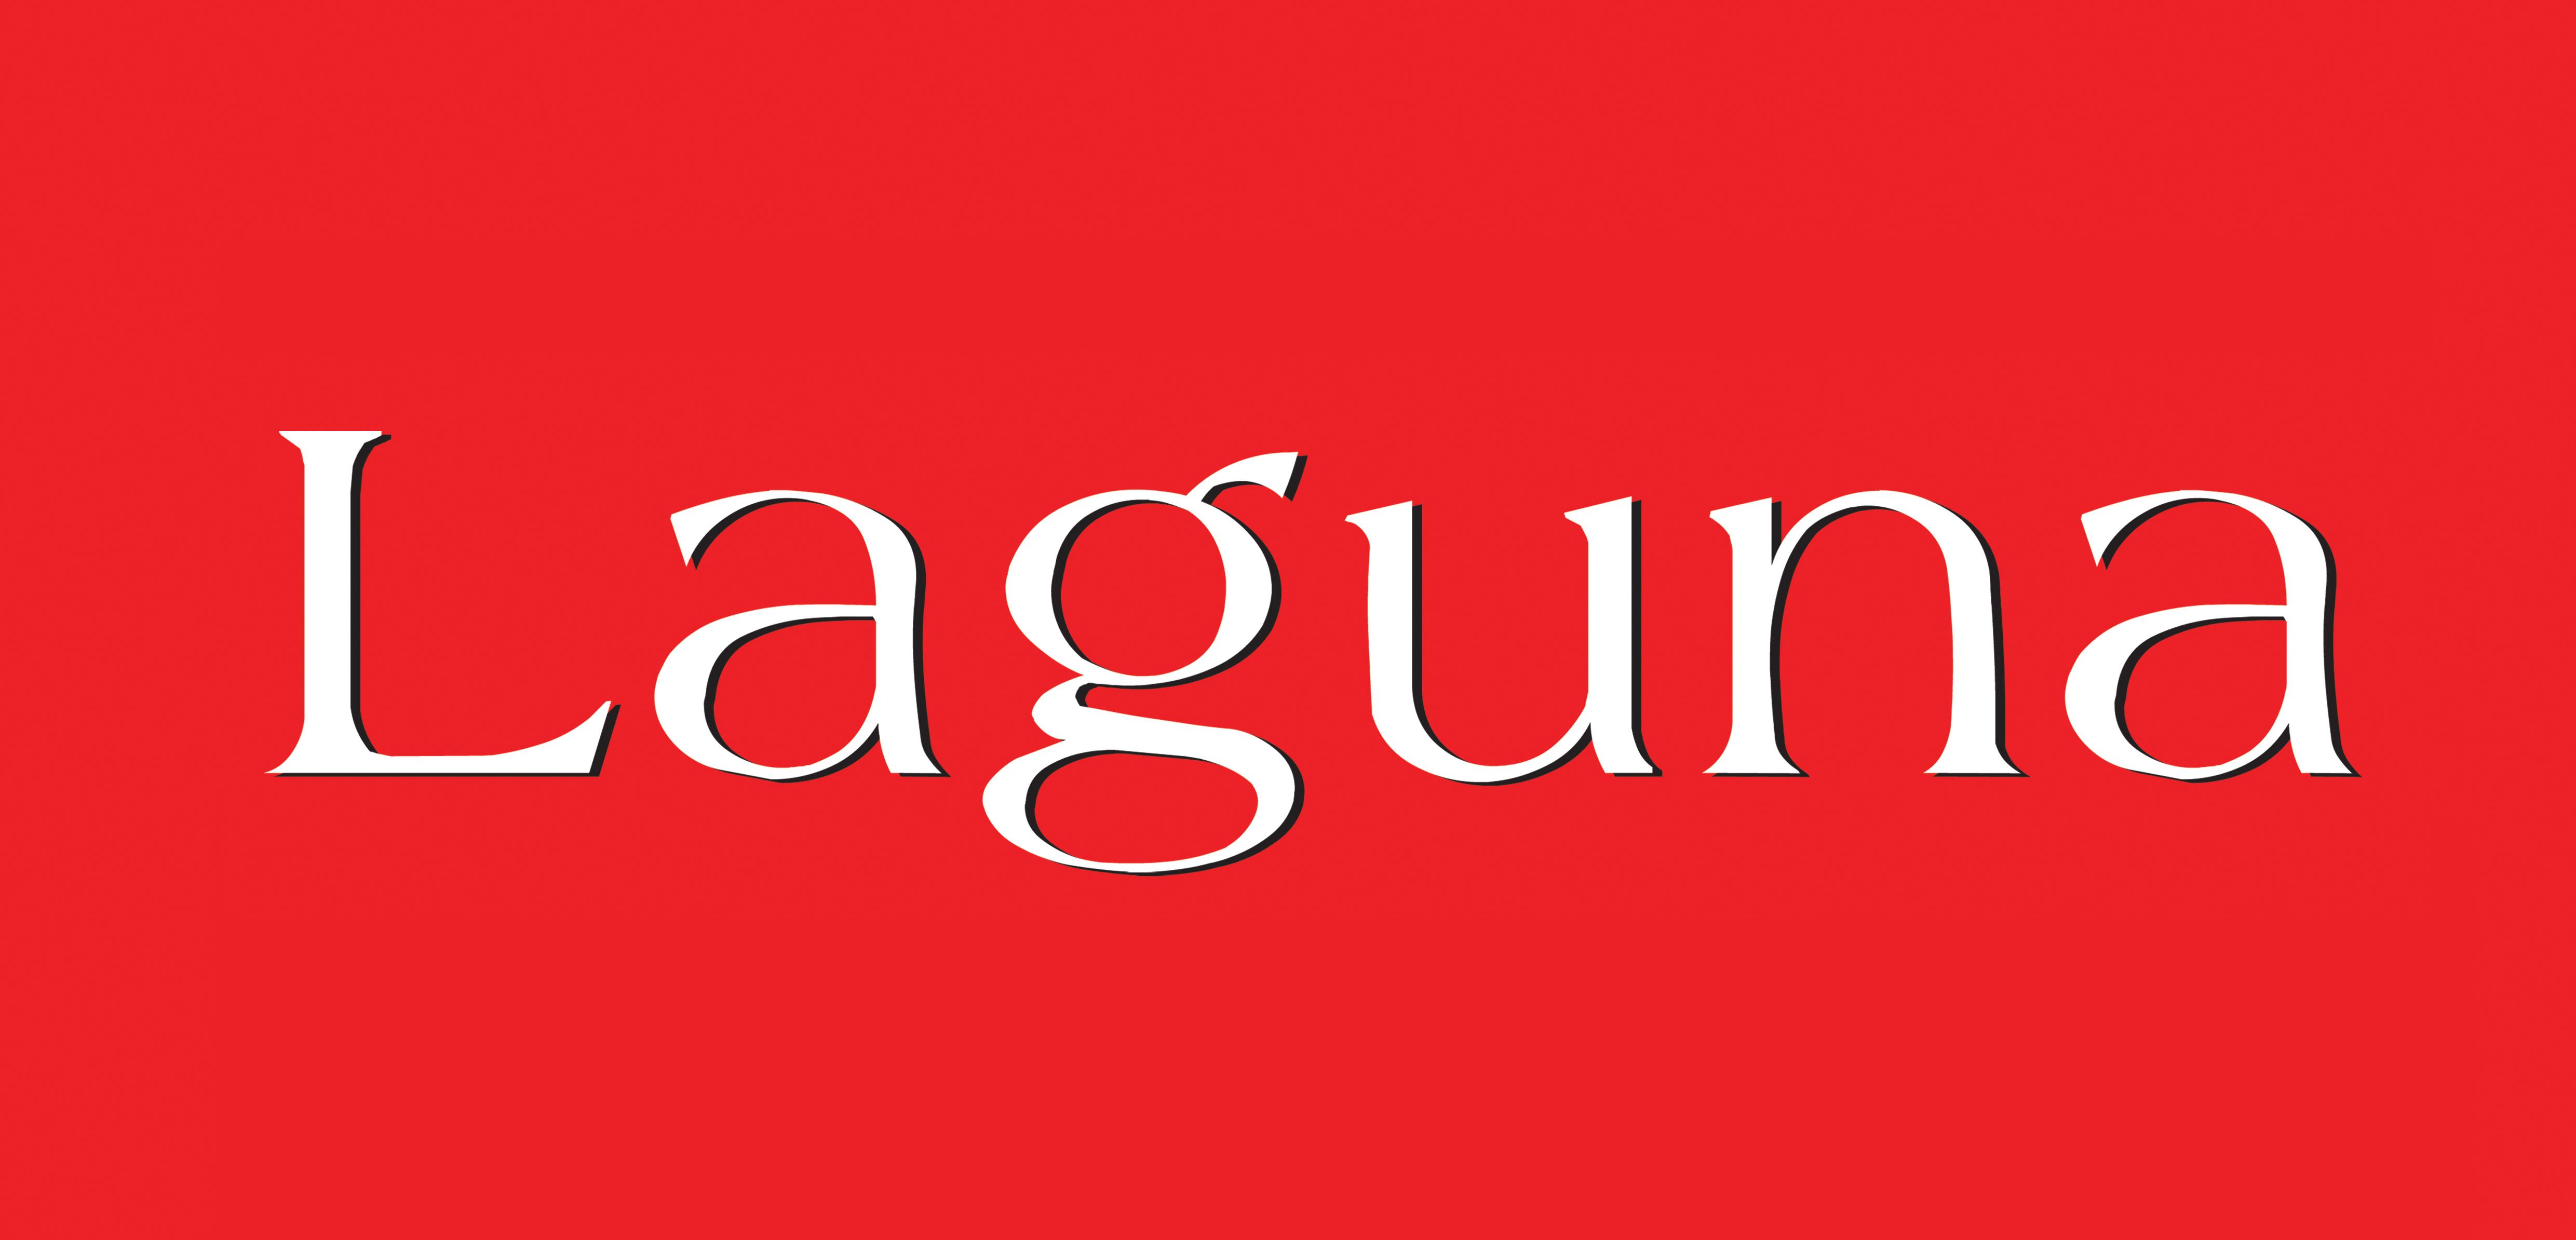 laguna_logo_1